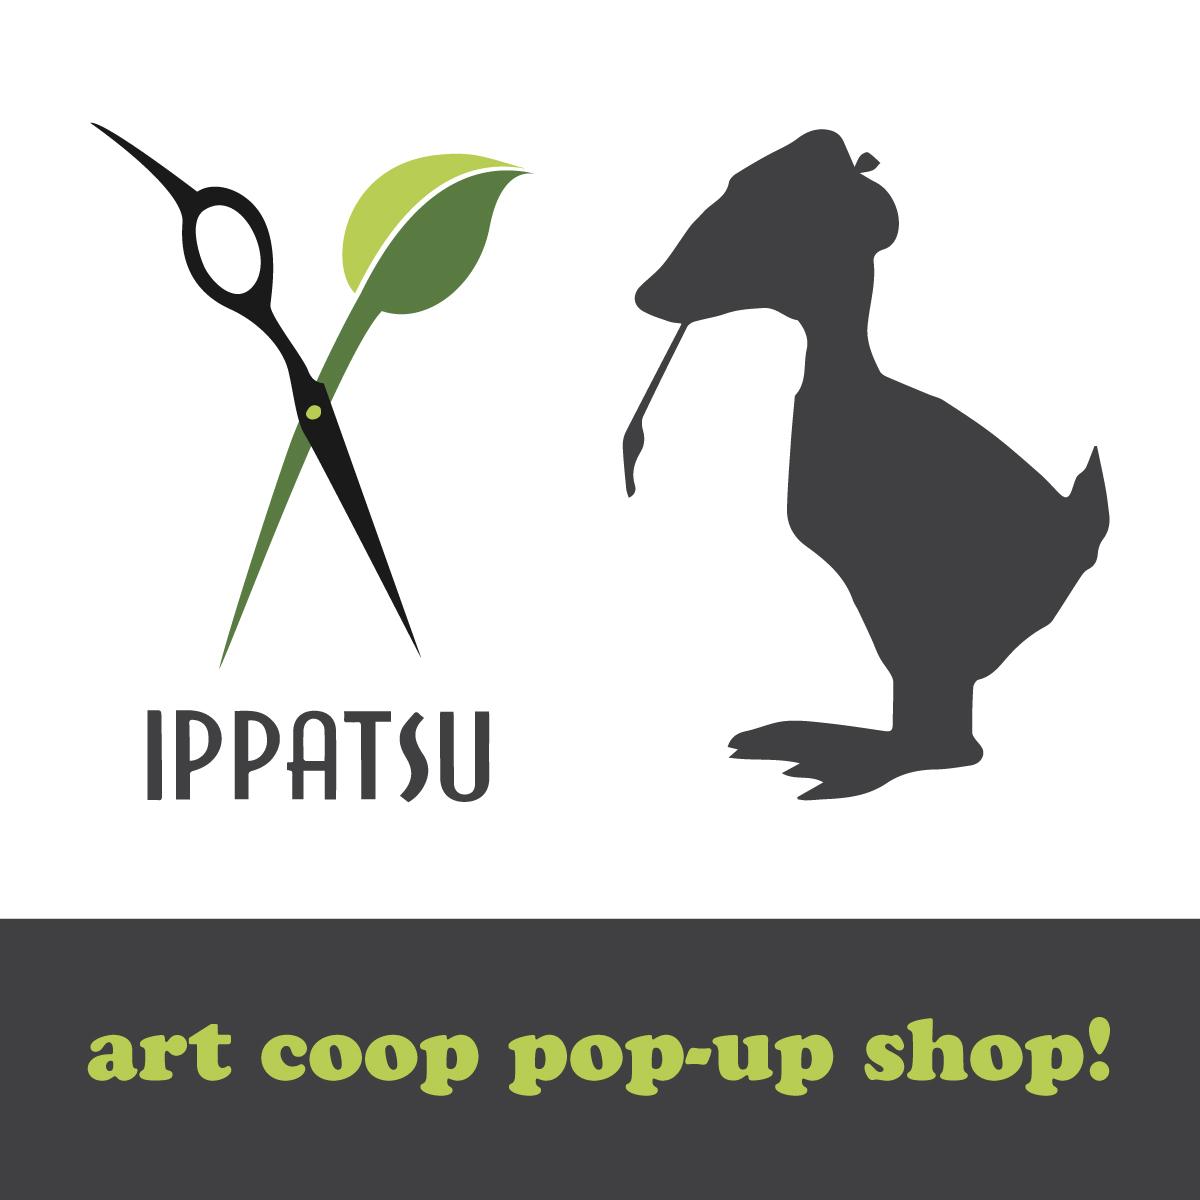 Ippatsu Pop-Up Shop Kit #13